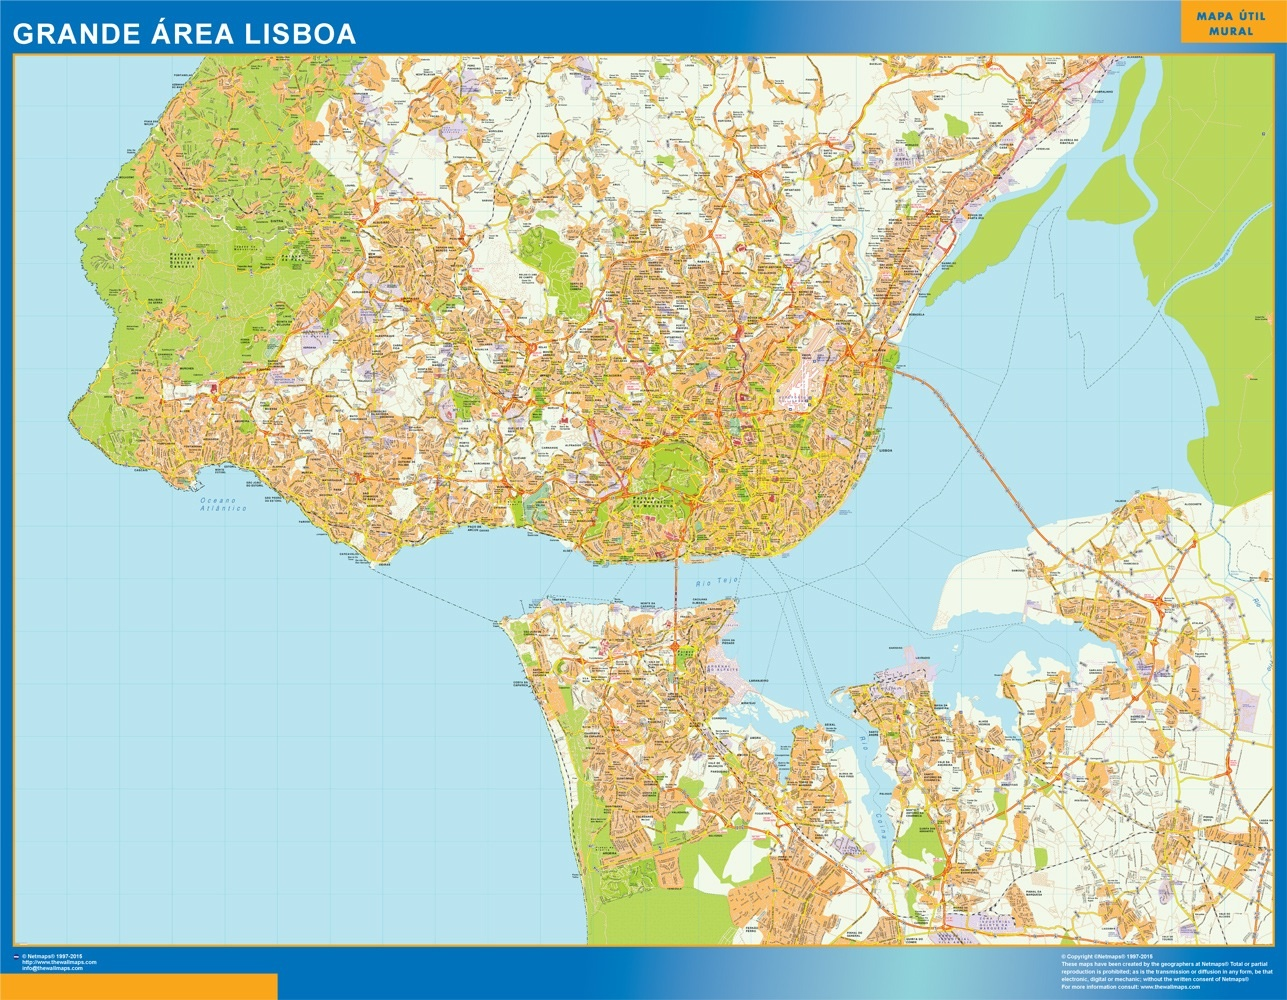 mapa digital lisboa Lisboa Mapa Grande Area Magnetico – Netmaps. Mapas de España y del  mapa digital lisboa